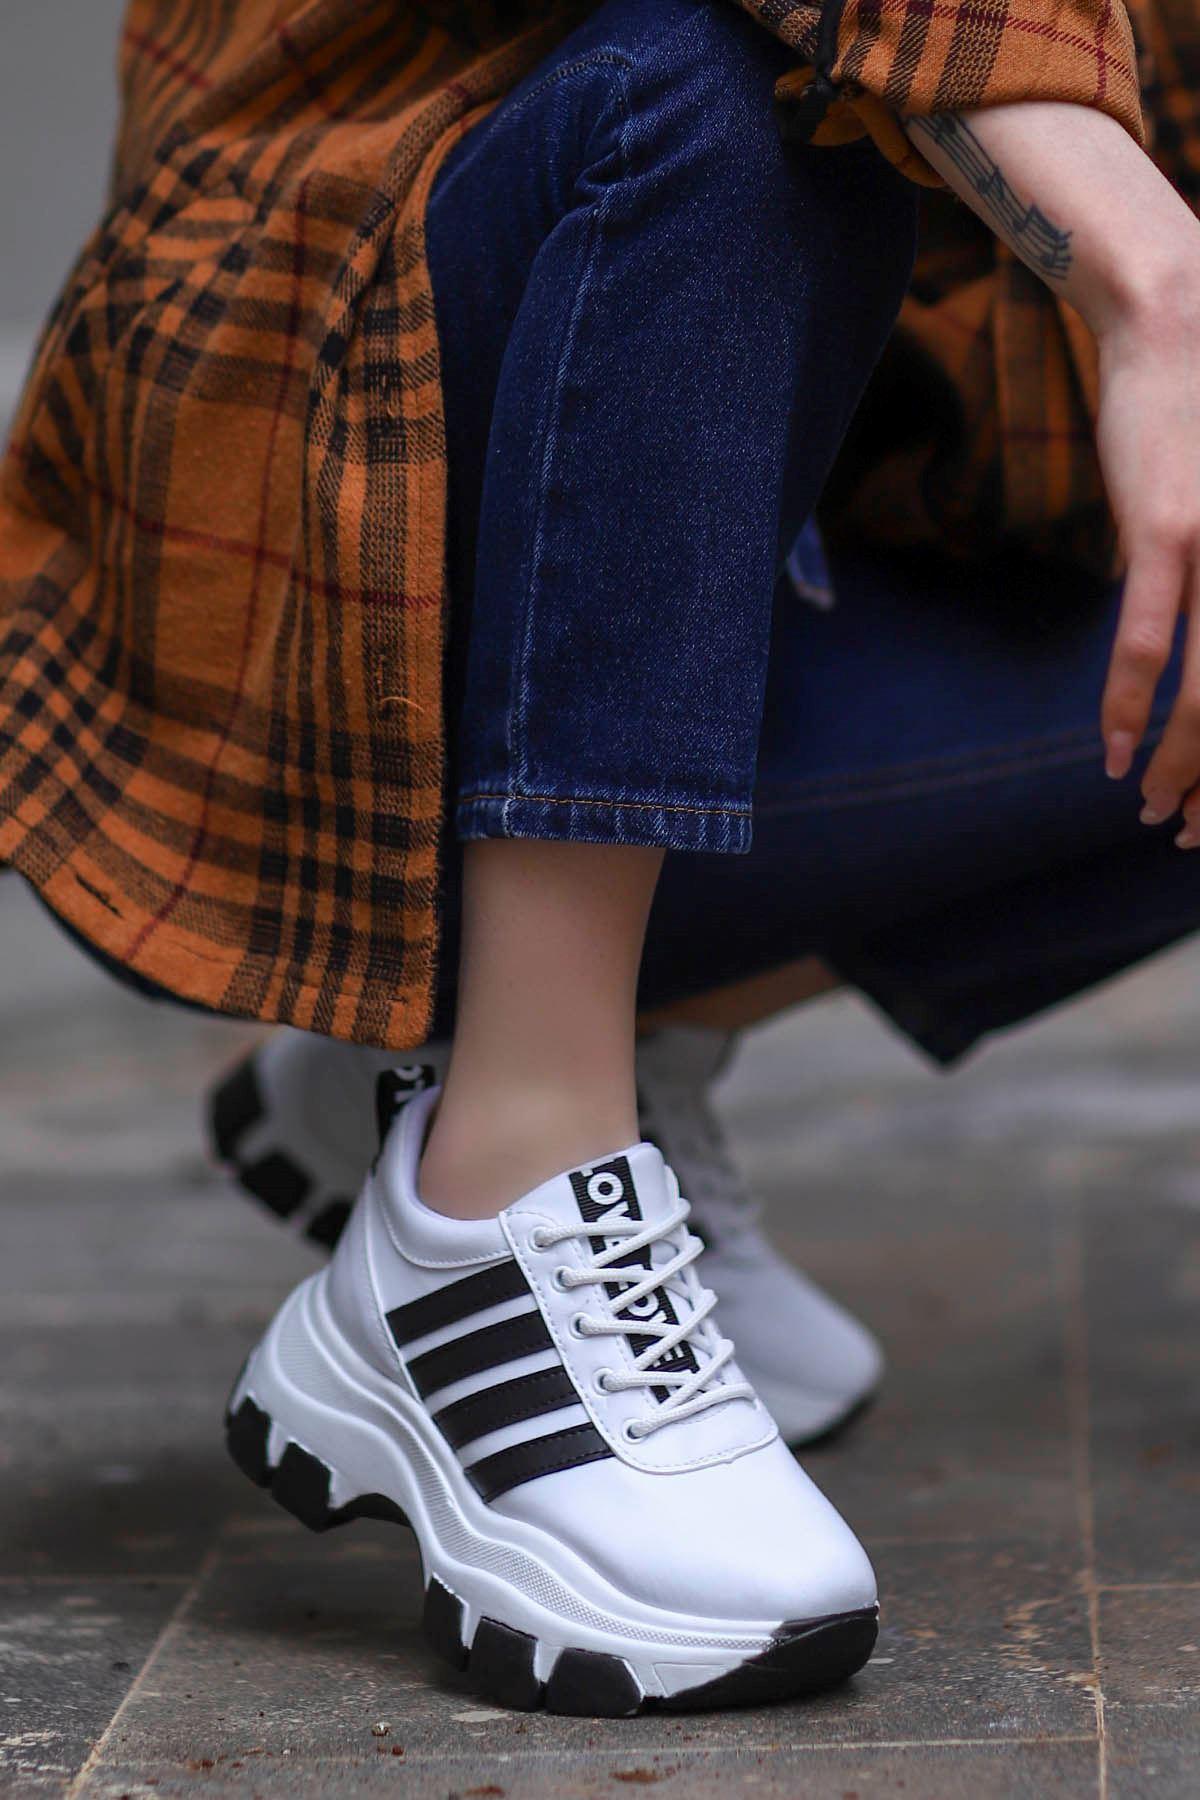 Frm-400 Tabanlı Spor Ayakkabı Beyaz Deri Siyah Taban